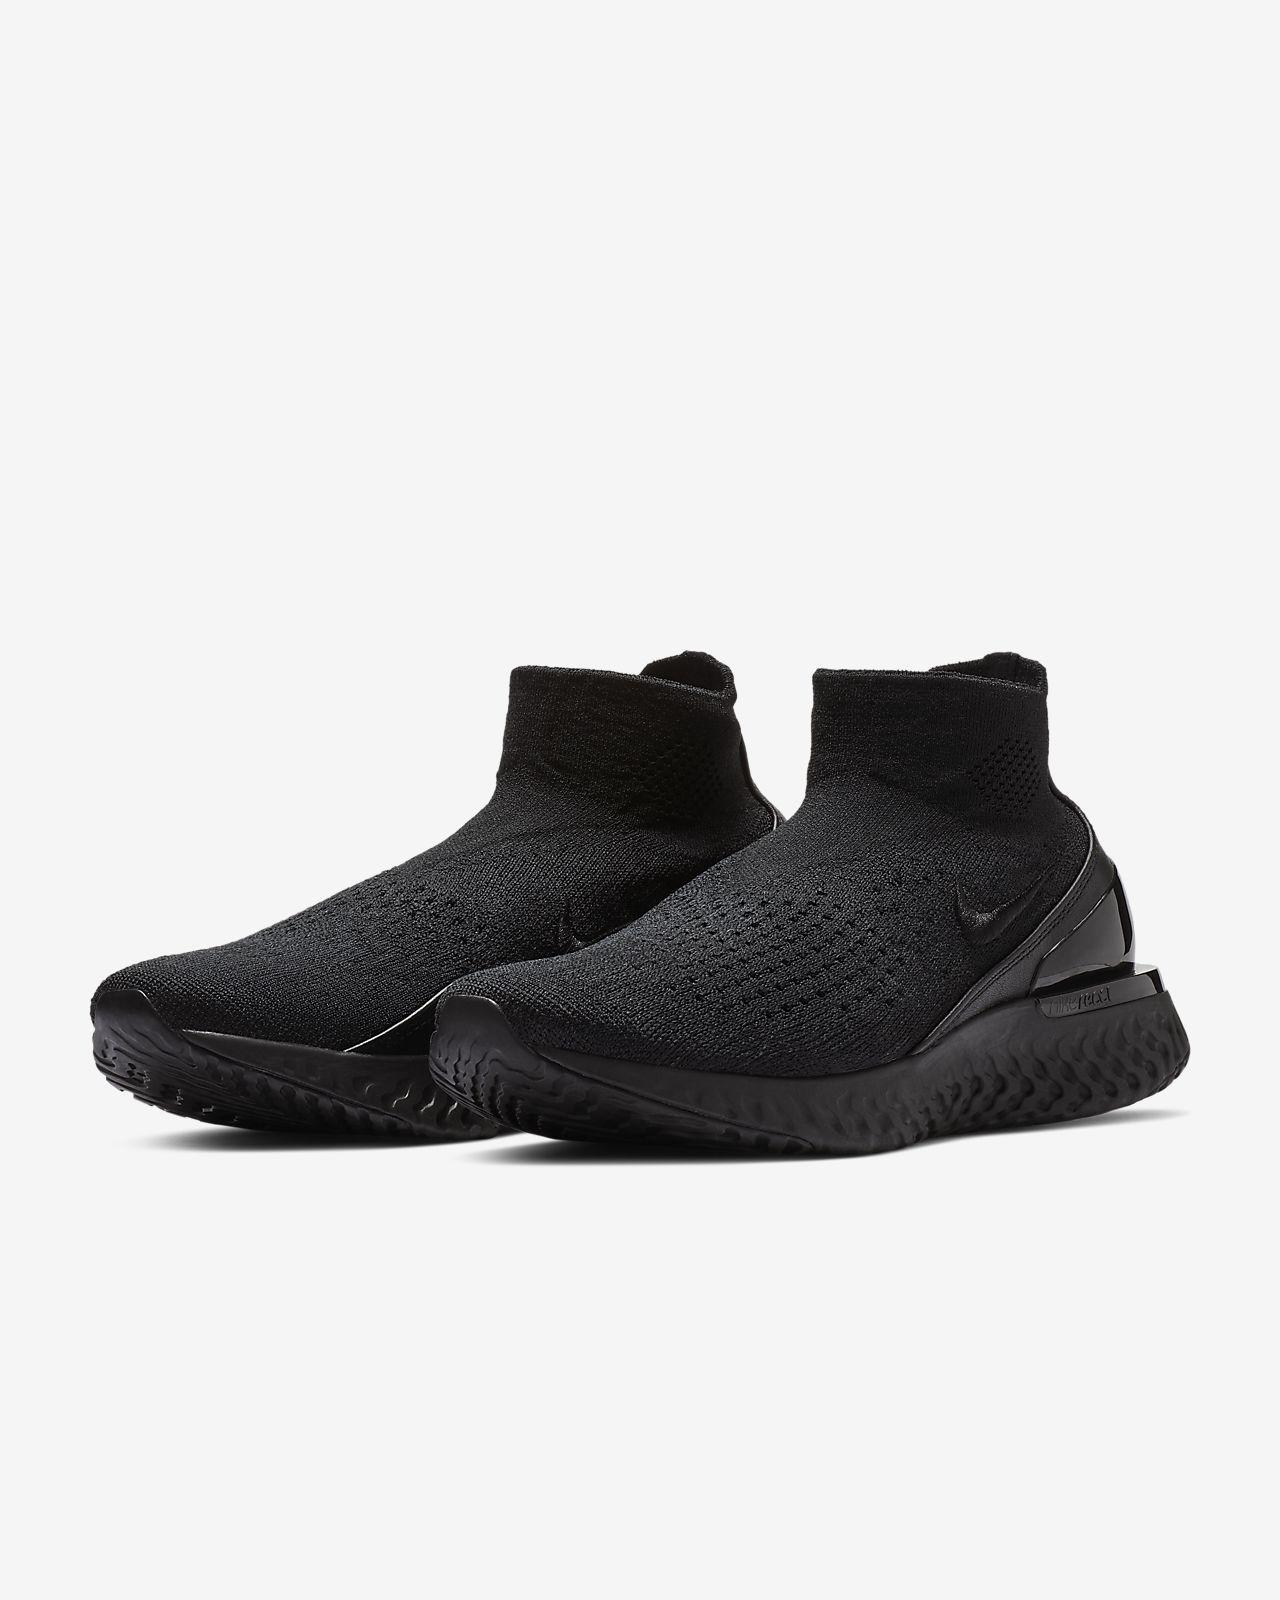 82a031b0ab7f1 Nike Rise React Flyknit Women s Running Shoe. Nike.com SE